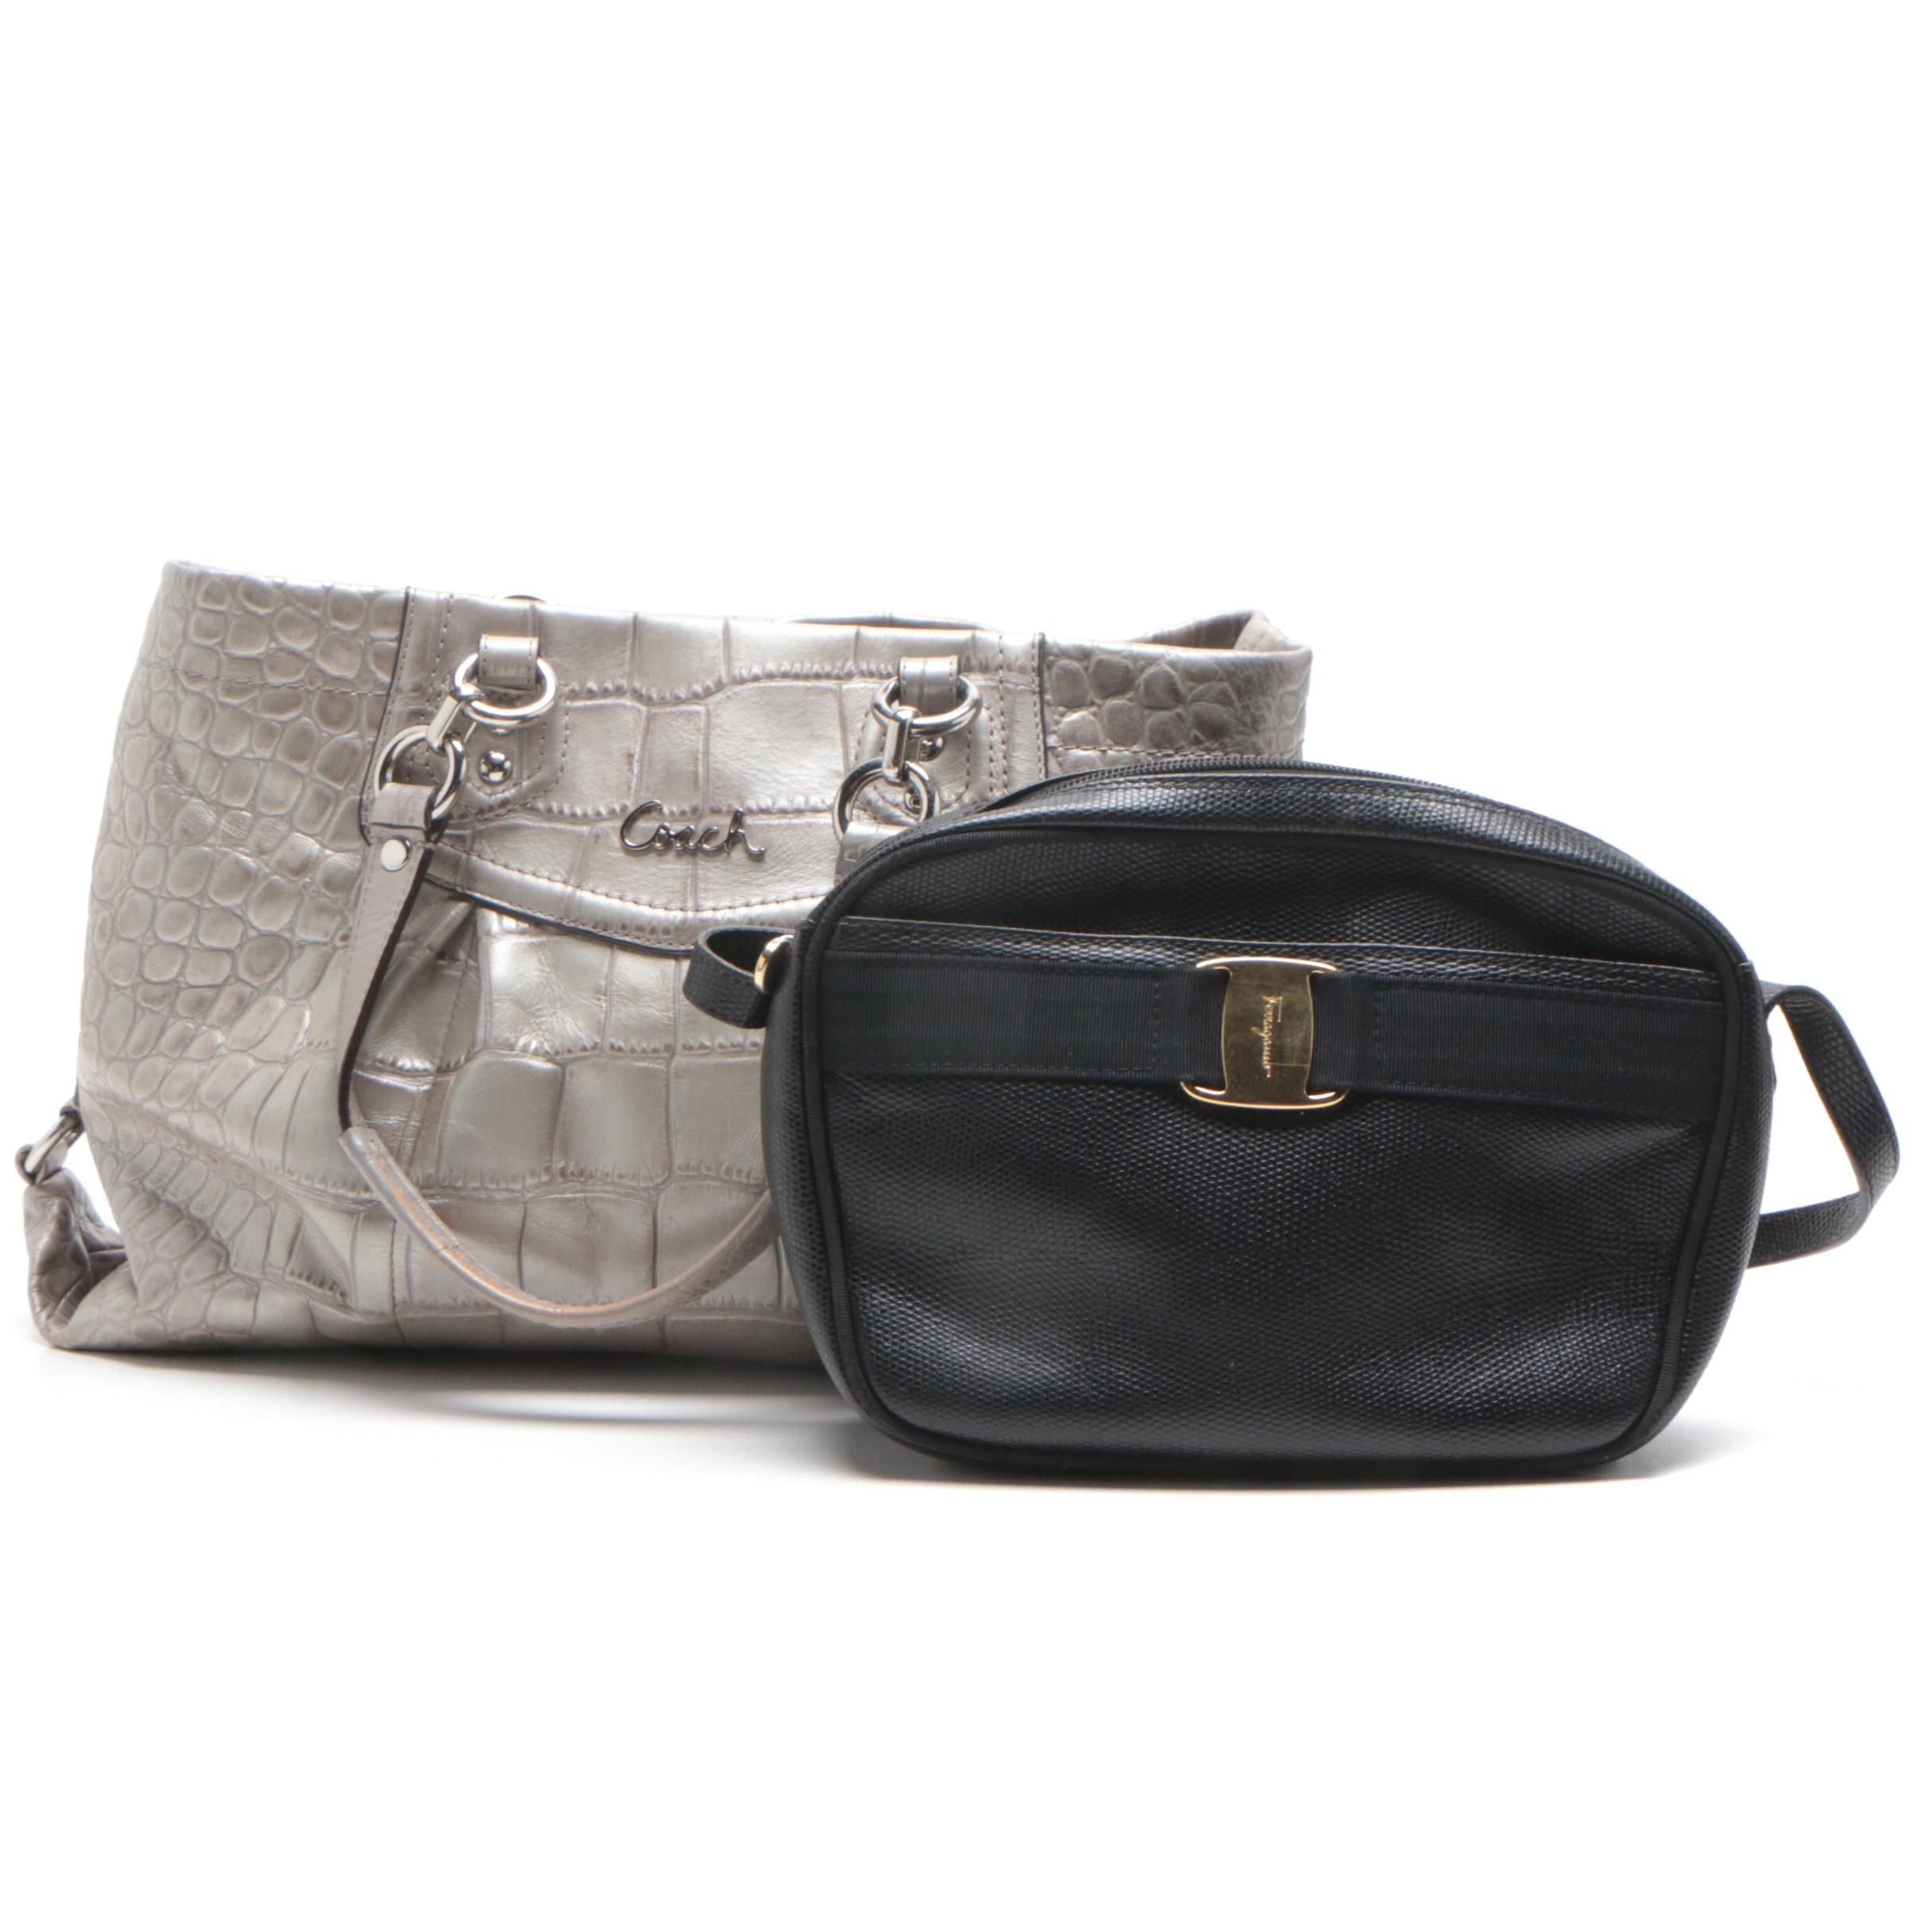 Salvatore Ferragamo Black Leather Valla Shoulder Bag and Coach Ashley Tote Bag